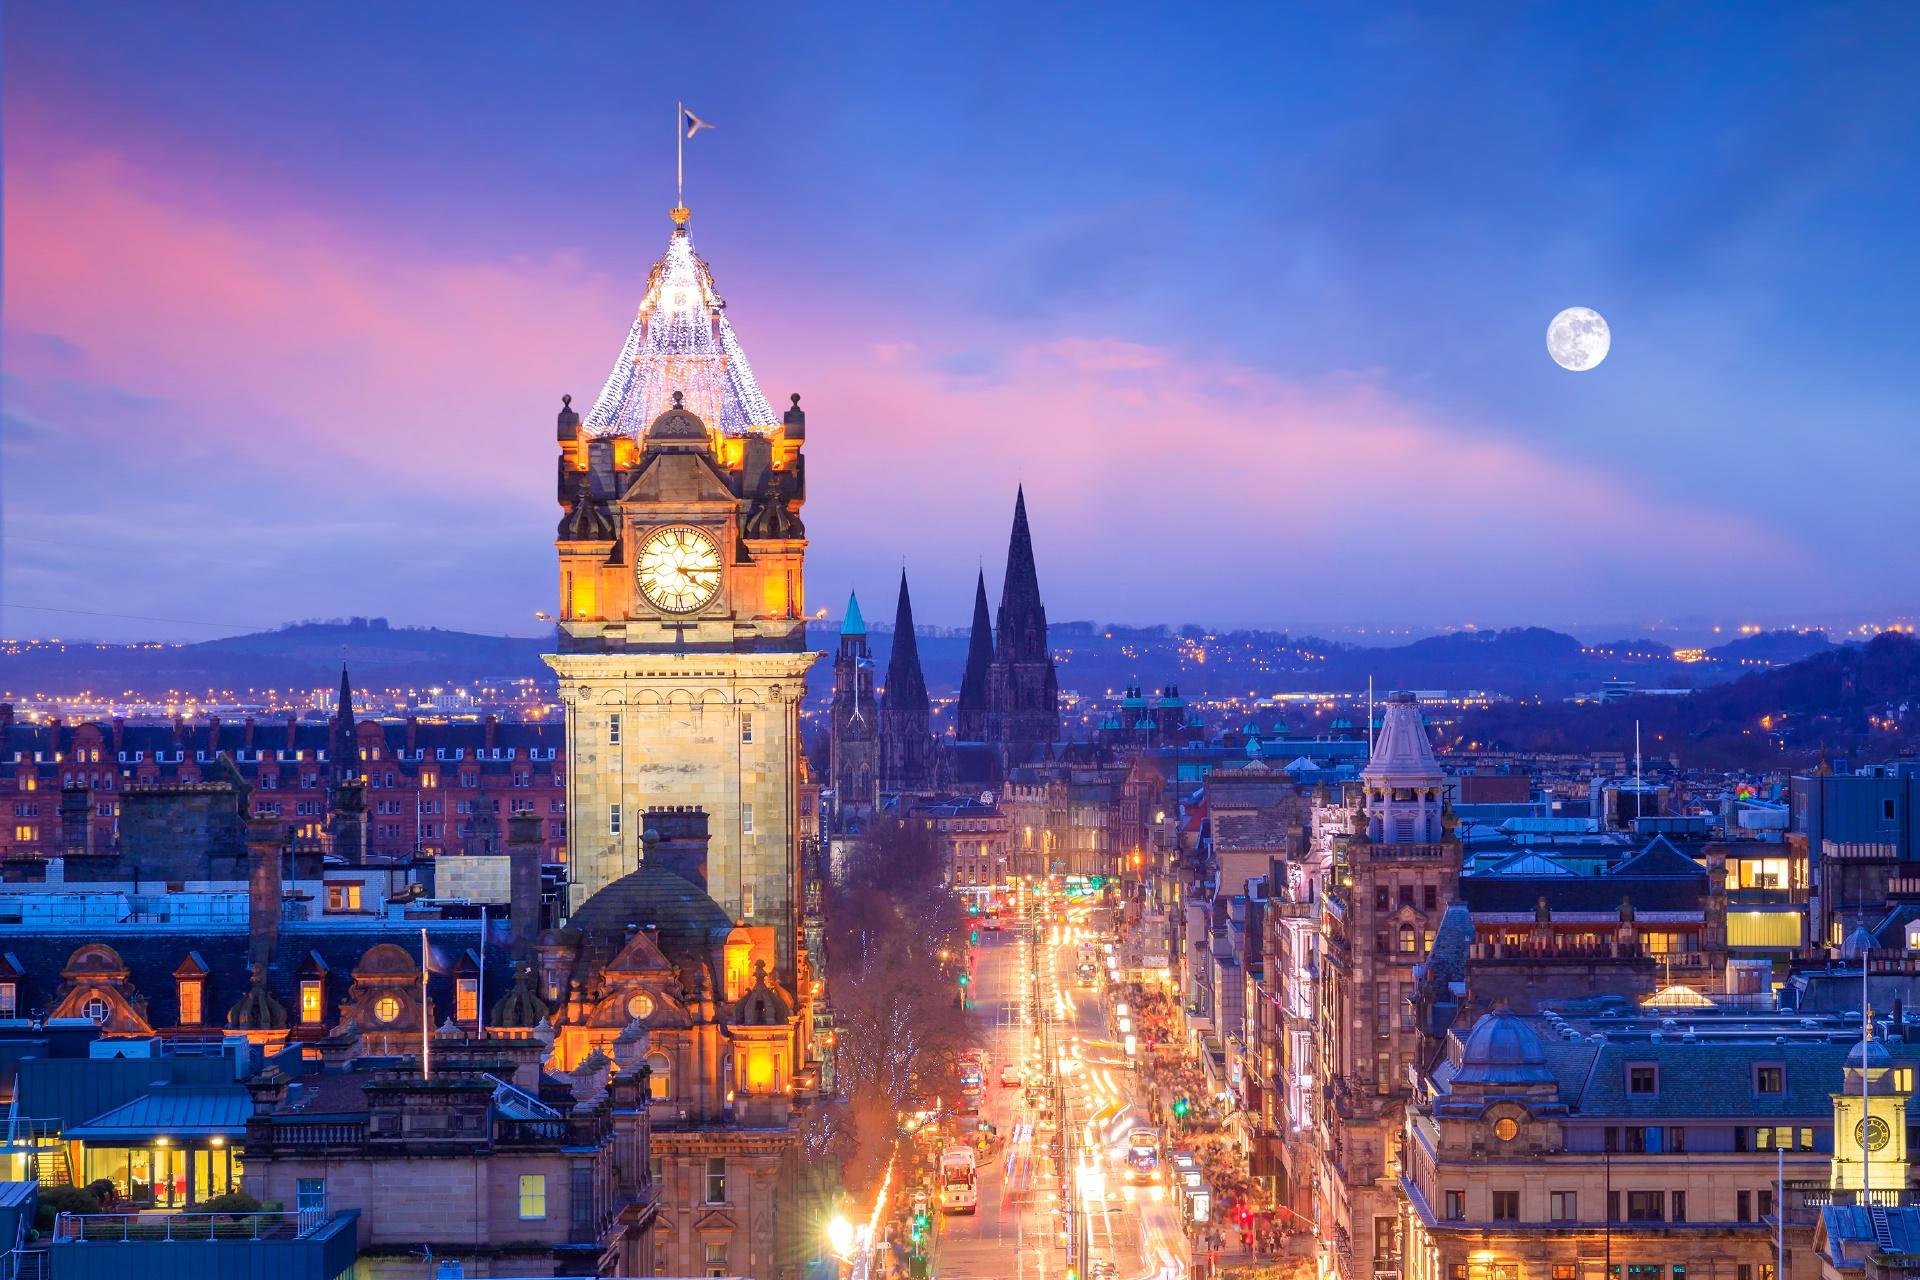 エジンバラの旧市街とエジンバラ城 スコットランドの風景